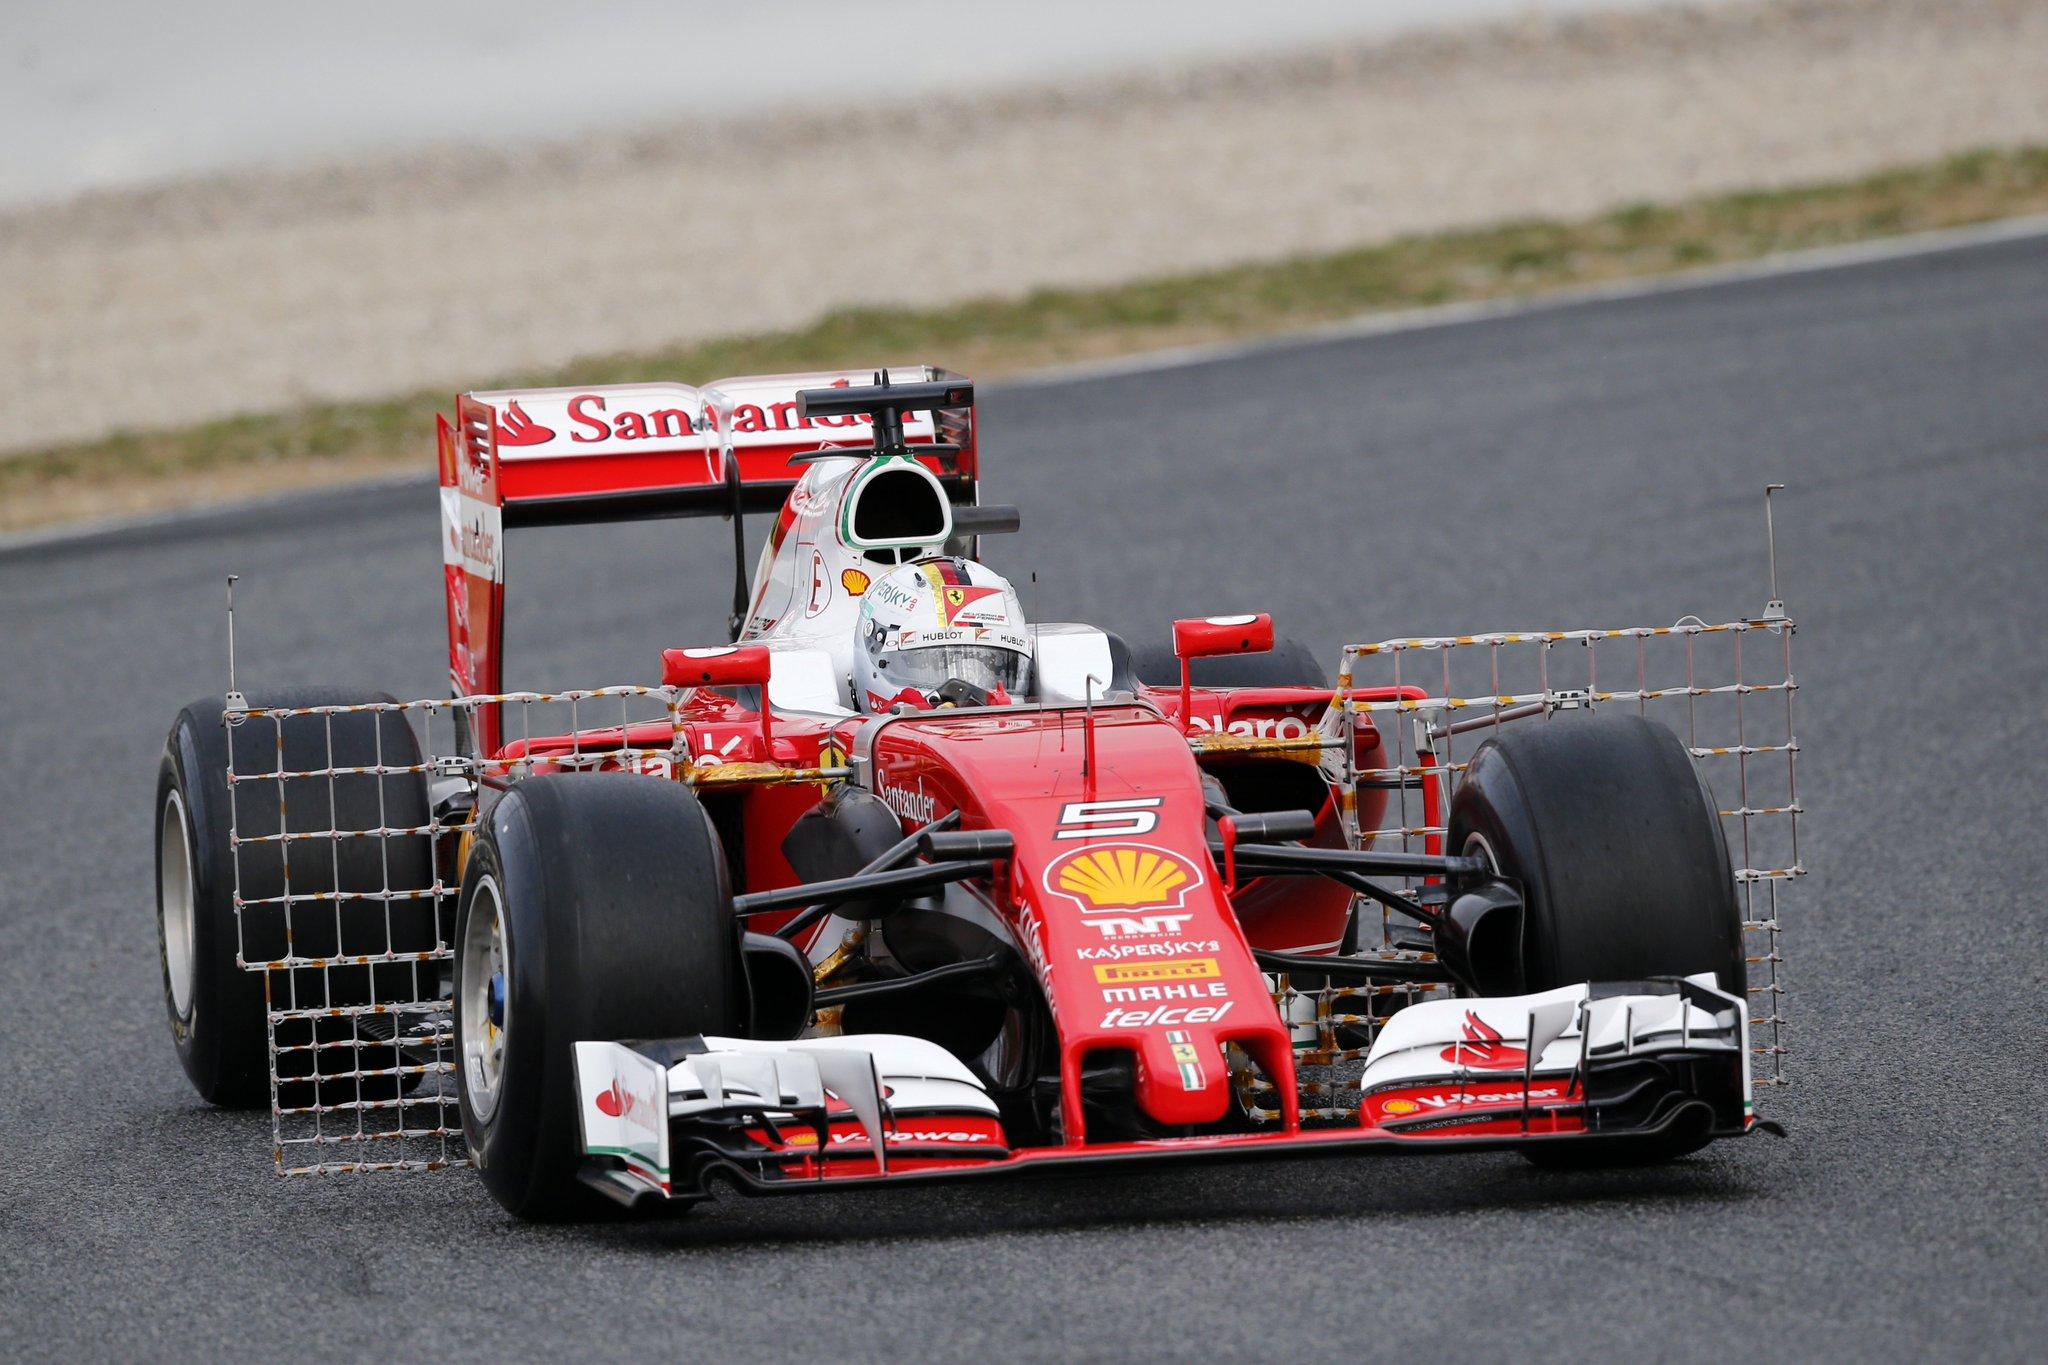 Як у Барселоні боліди Формули-1 тестували - фото 1